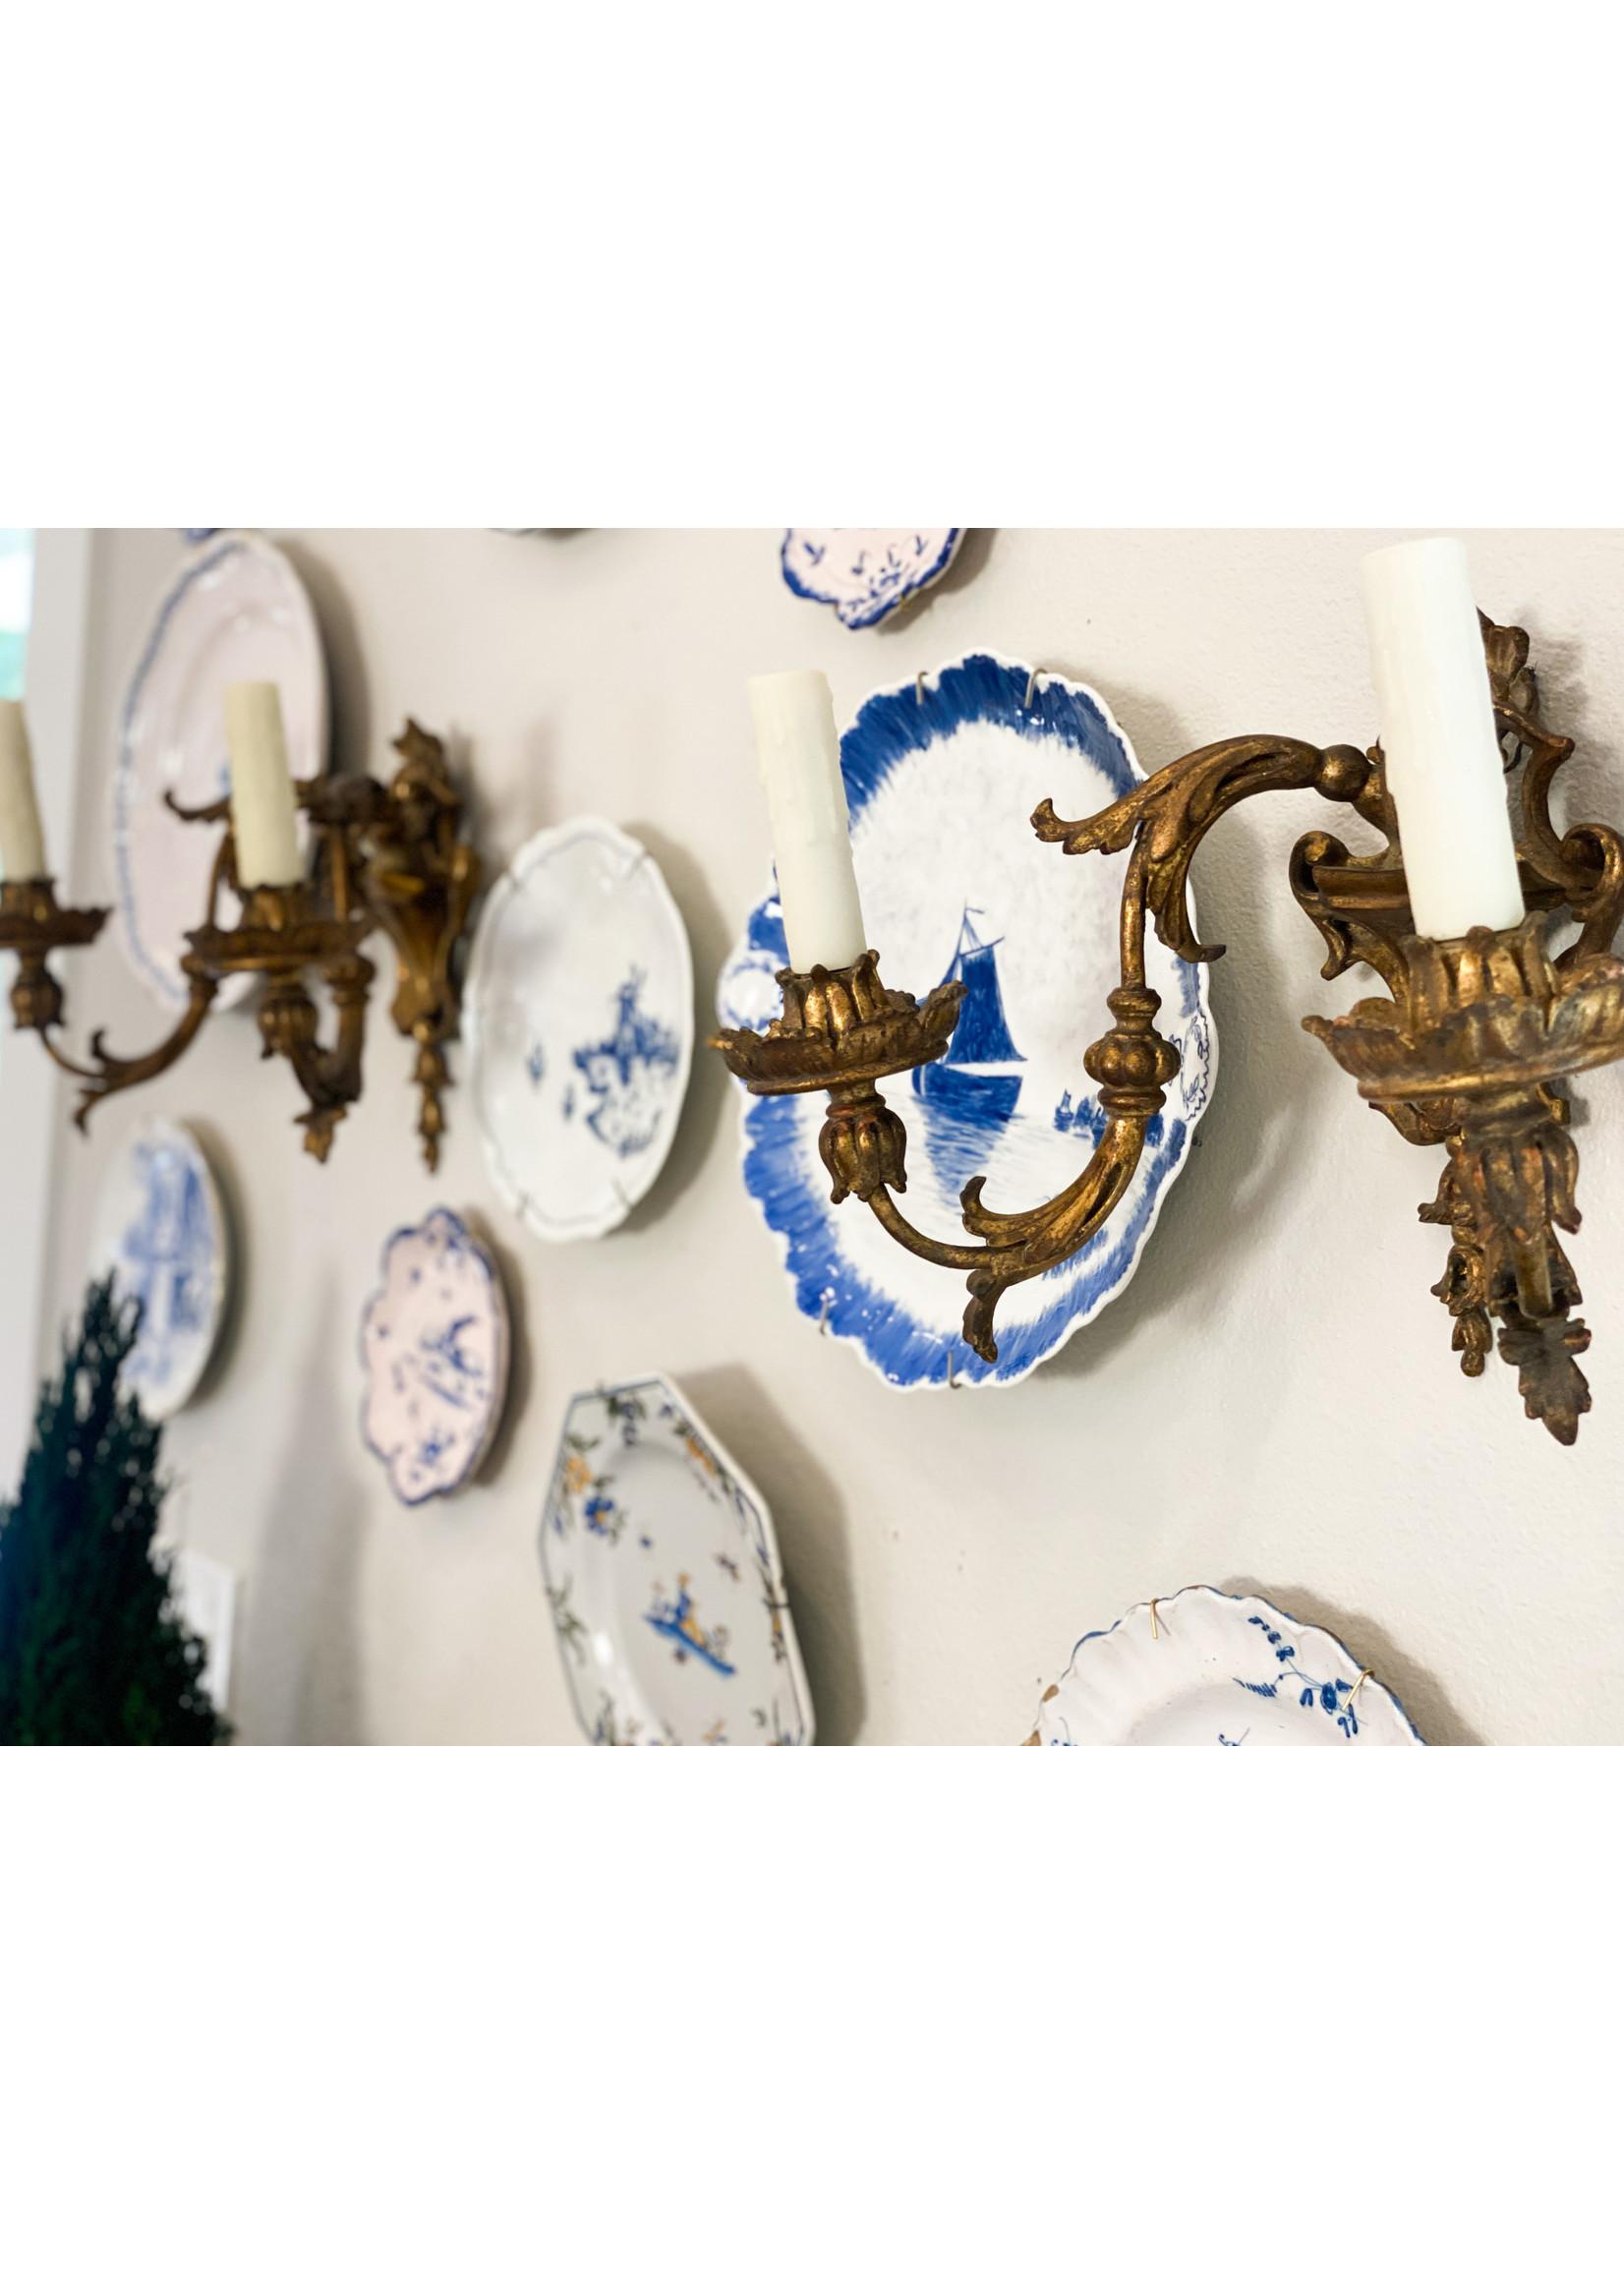 Antique Antique Blue & White Dish - Ships